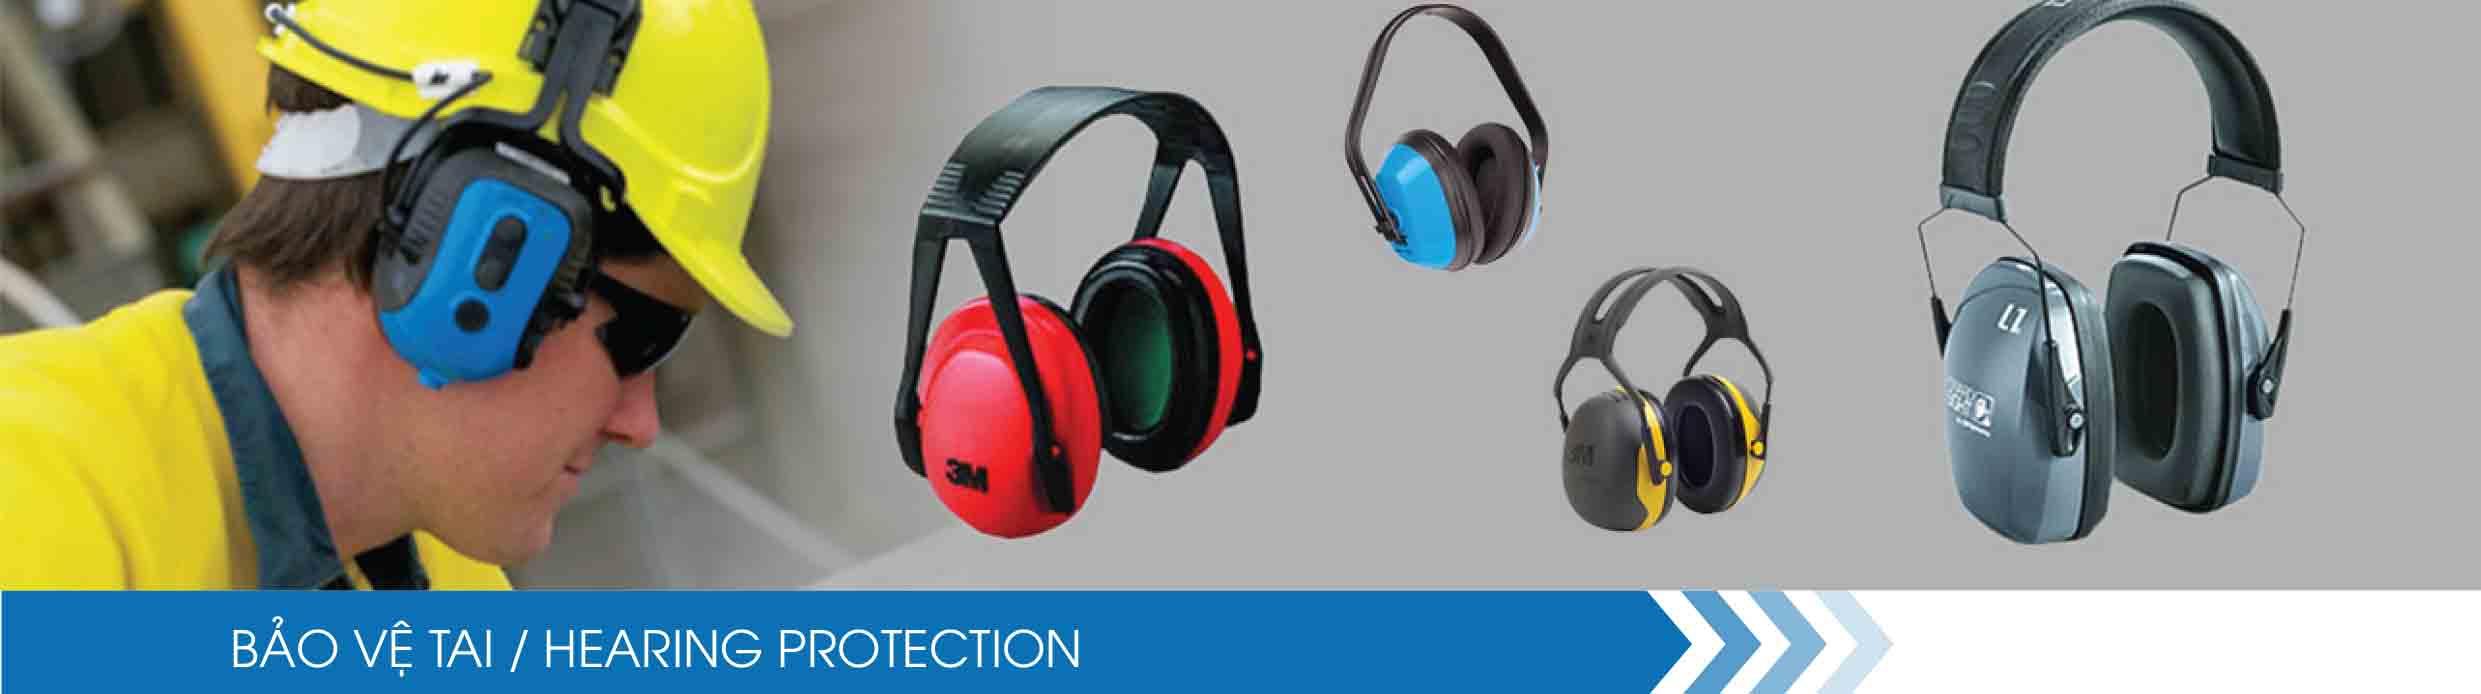 (Tiếng Việt) Bảo vệ tai